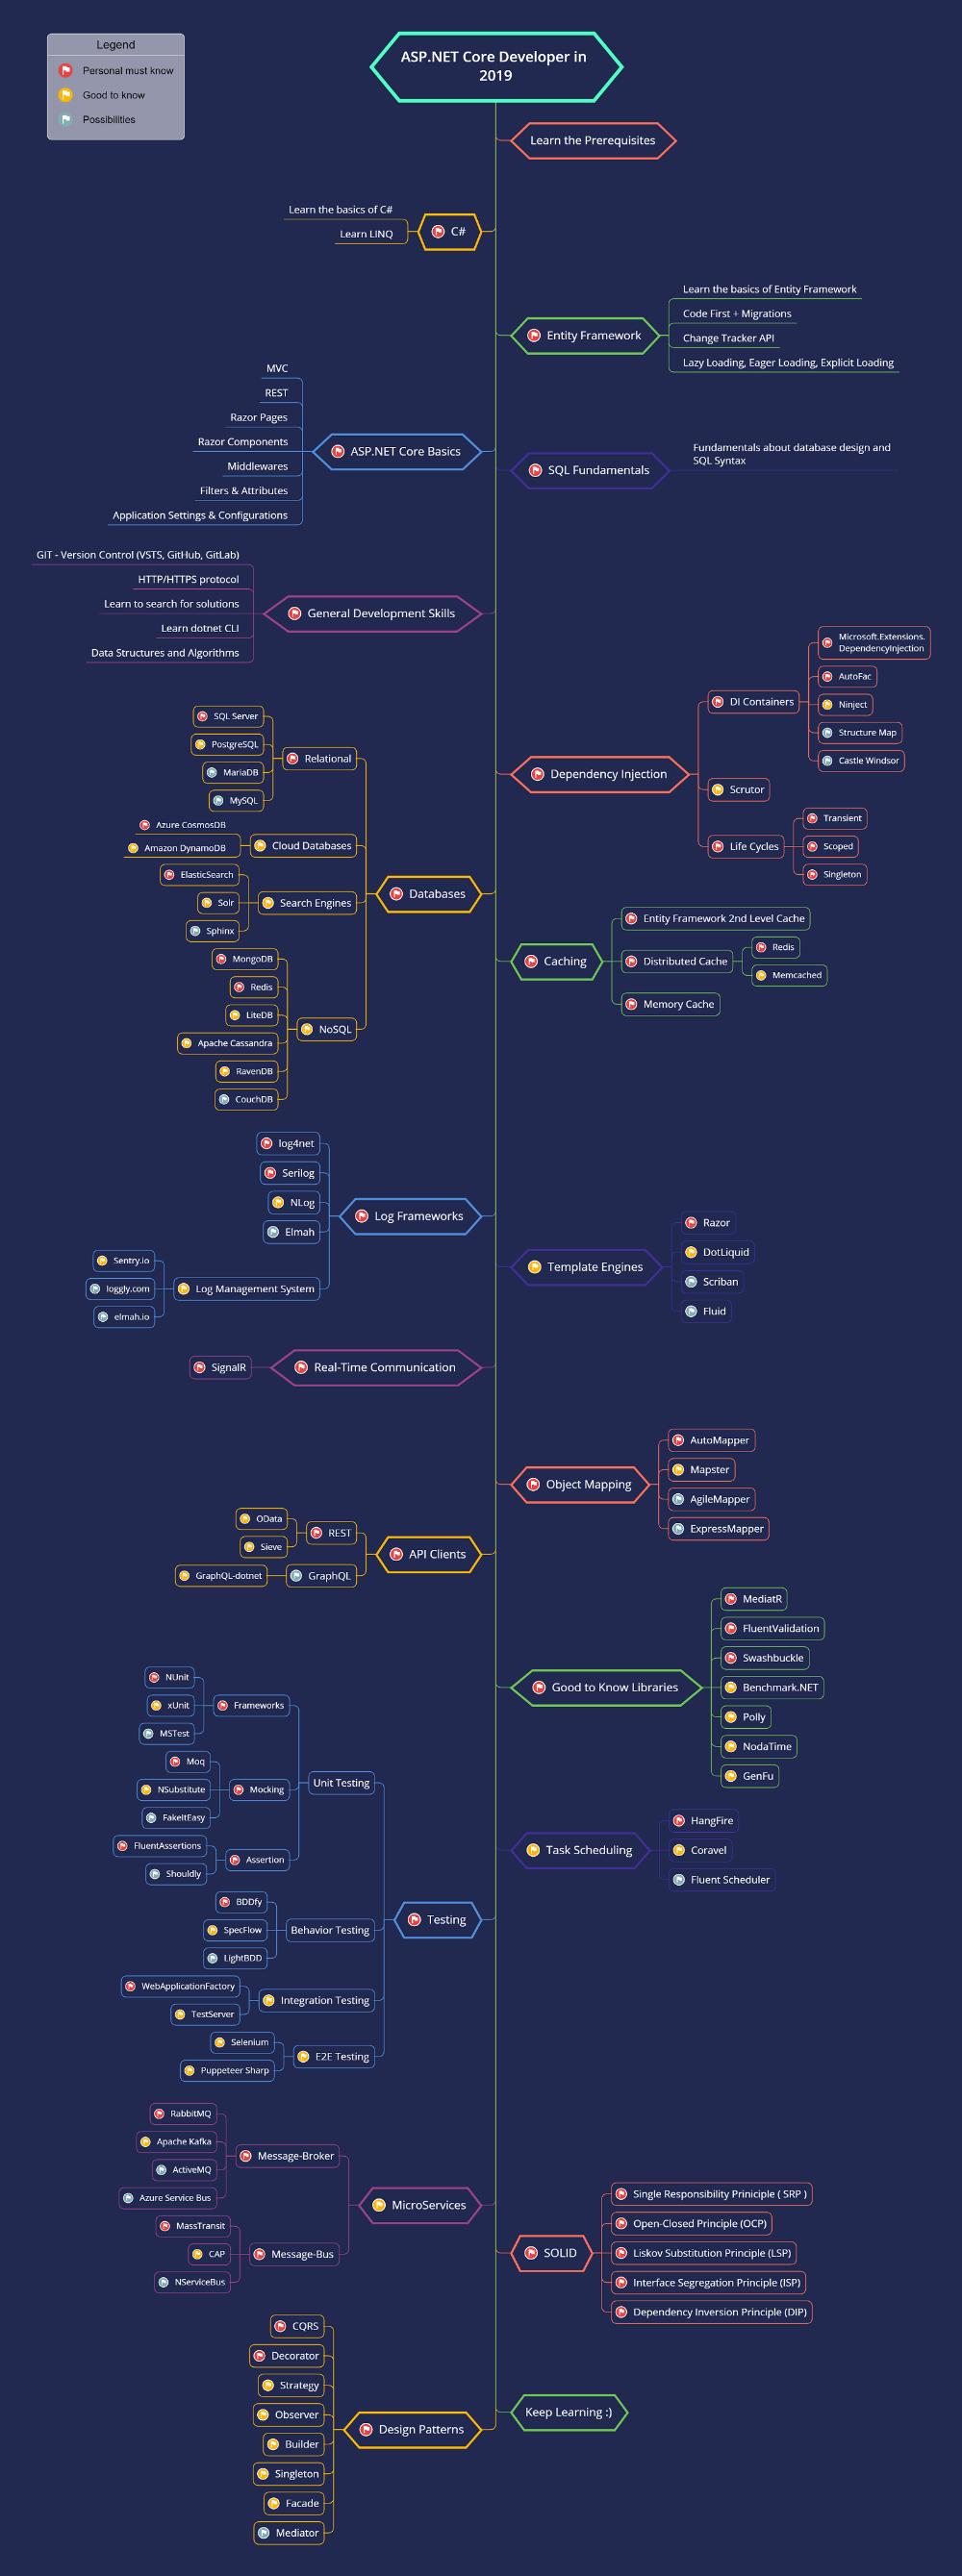 Github Moientajik Aspnetcore Developer Roadmap Roadmap To Becoming An Asp Net Core Developer In 2019 In 2020 Roadmap Development Core